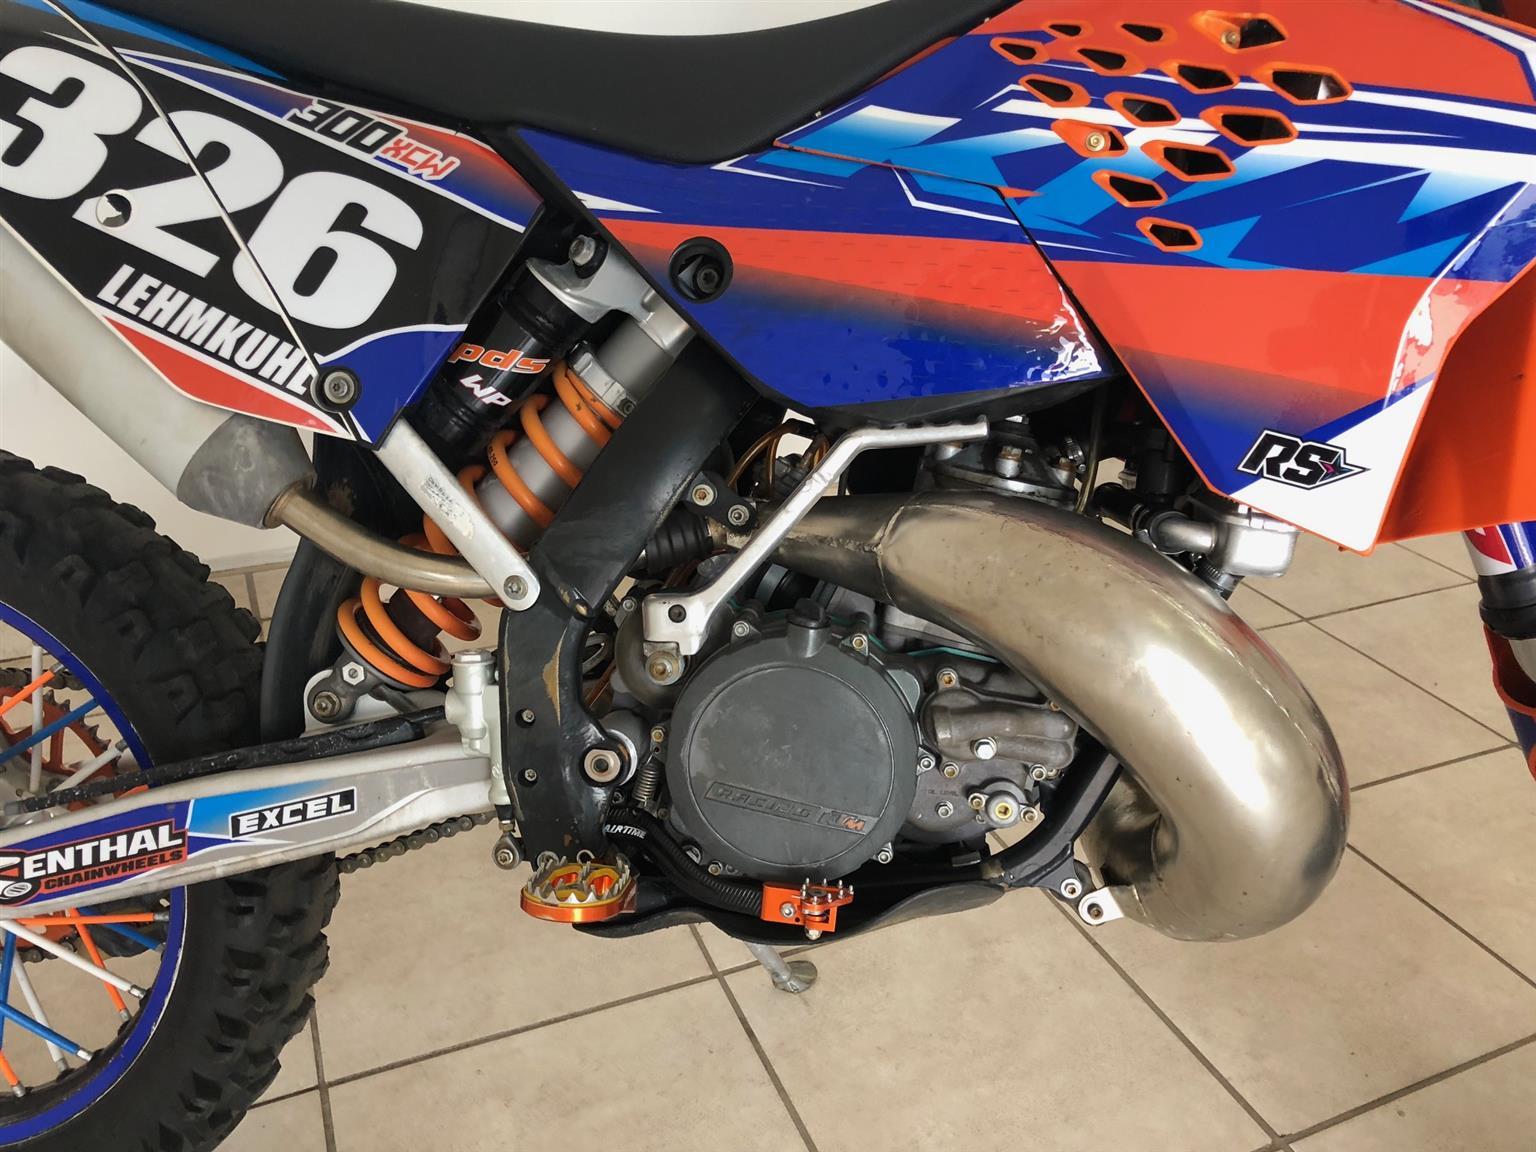 2009 KTM 300 XCW